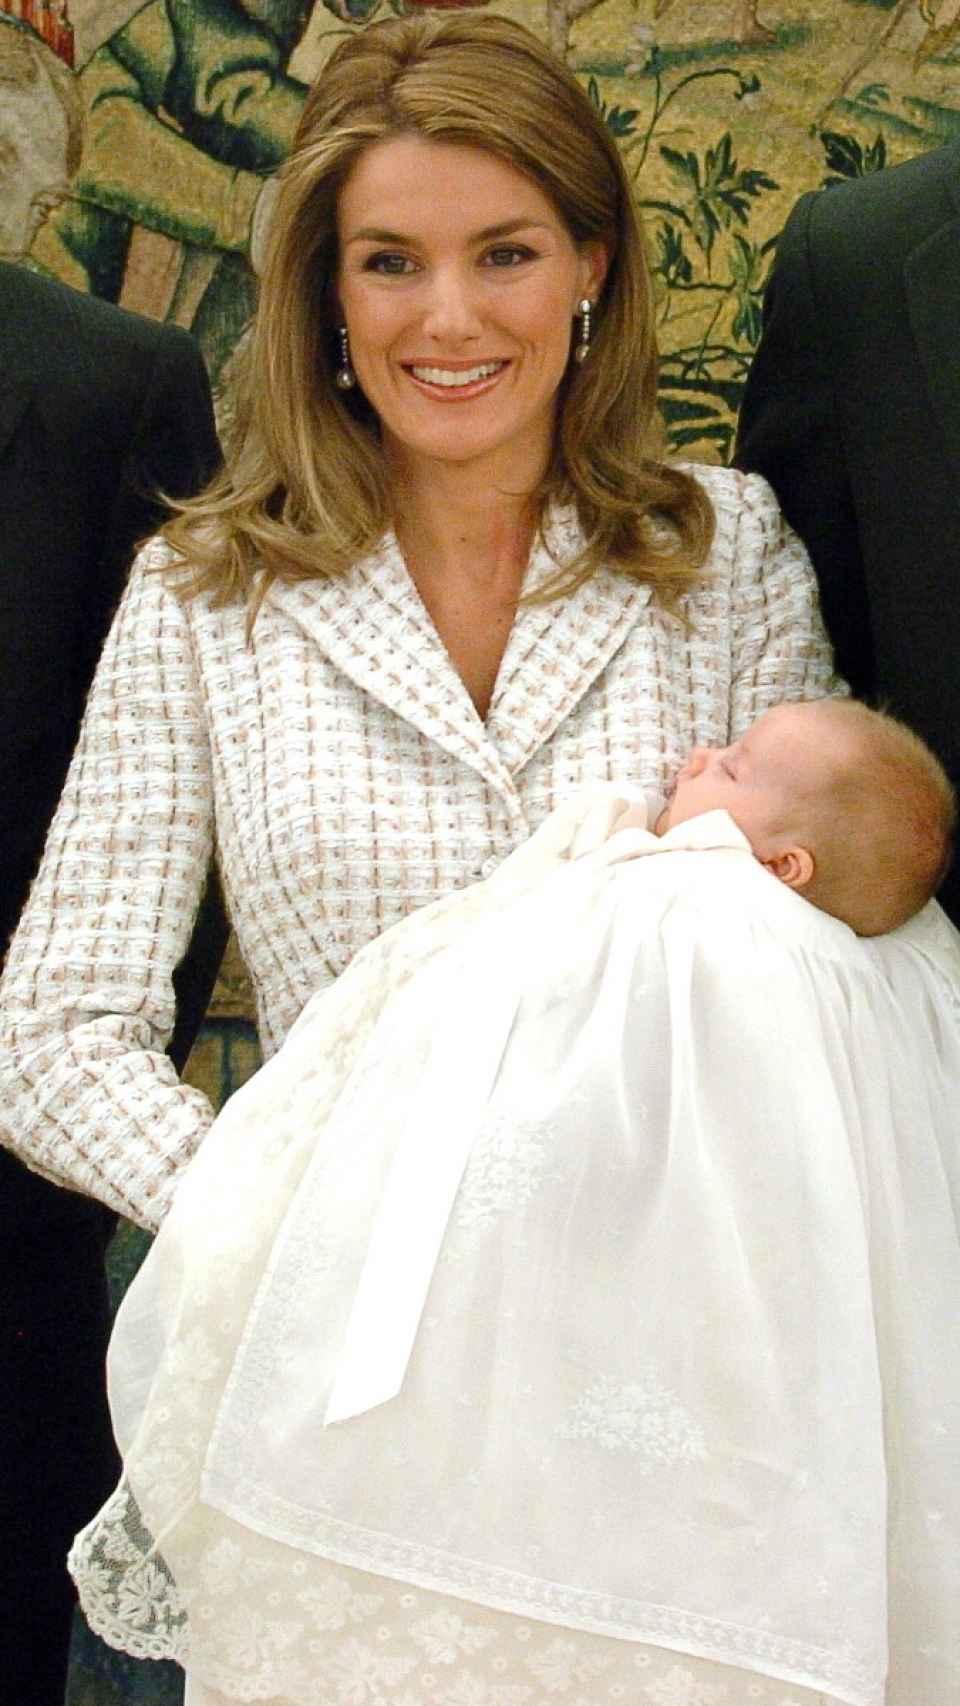 La reina Letizia durante el bautizo de Leonor en enero de 2006.